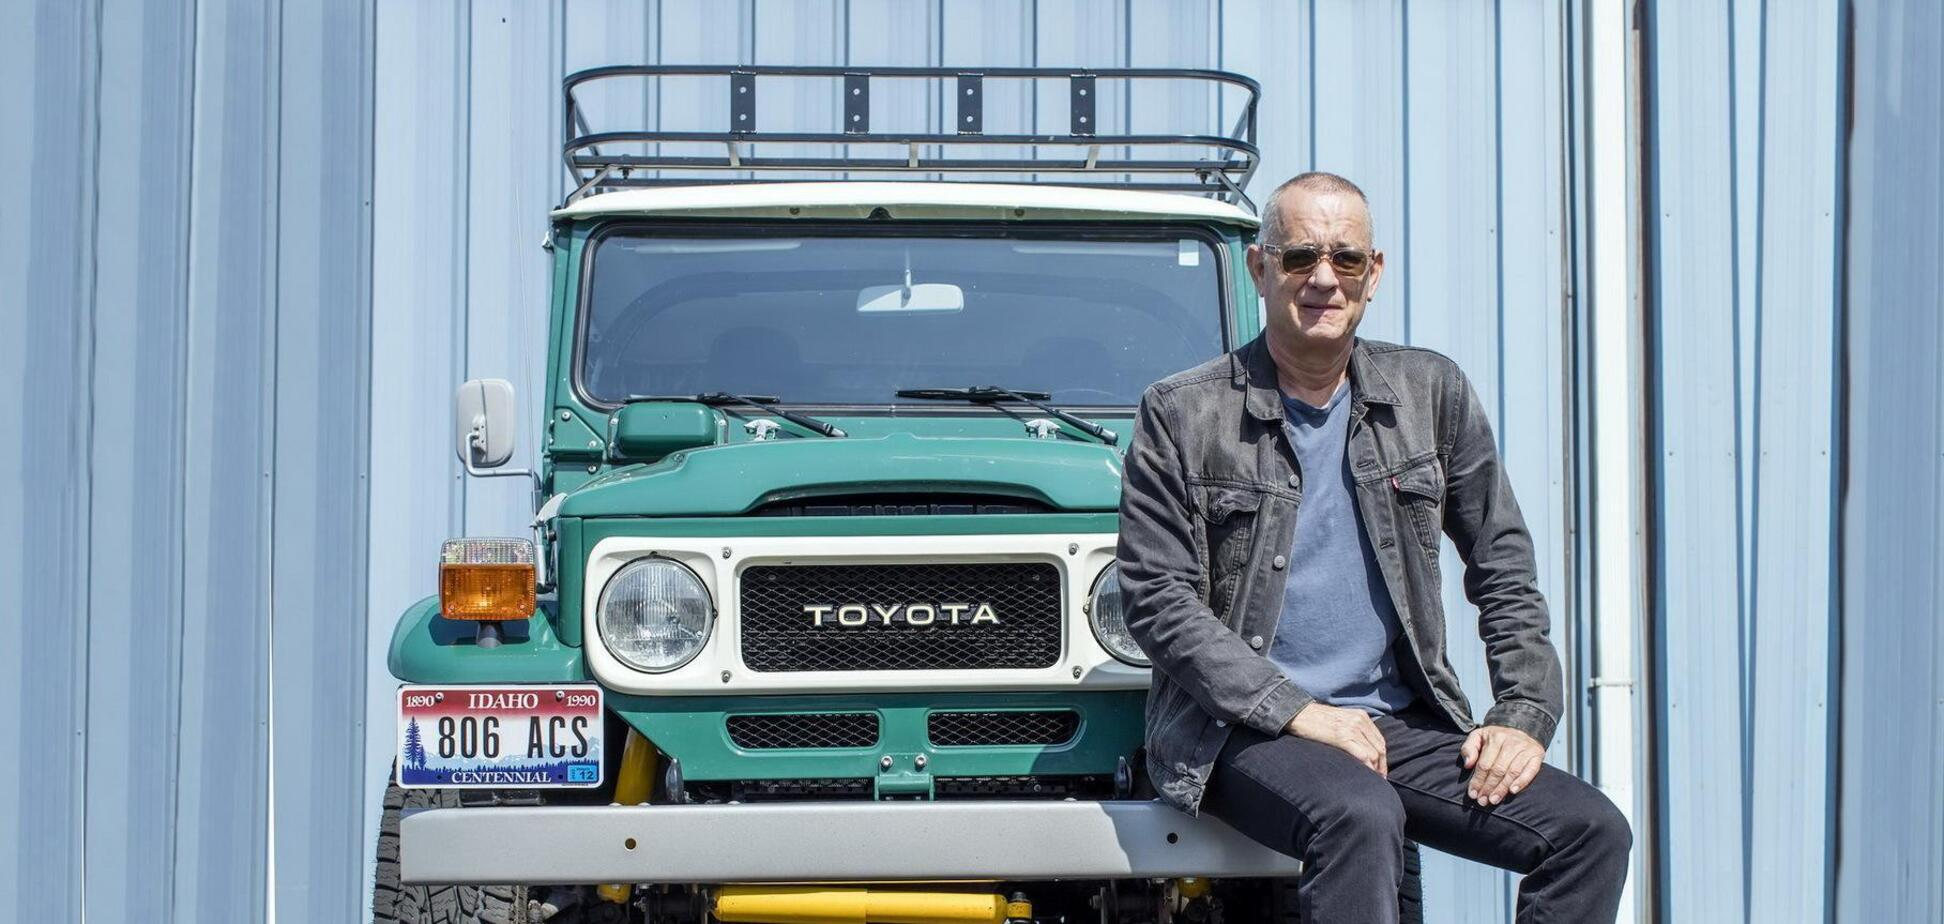 Том Генкс вирішив продати свій раритетний позашляховик